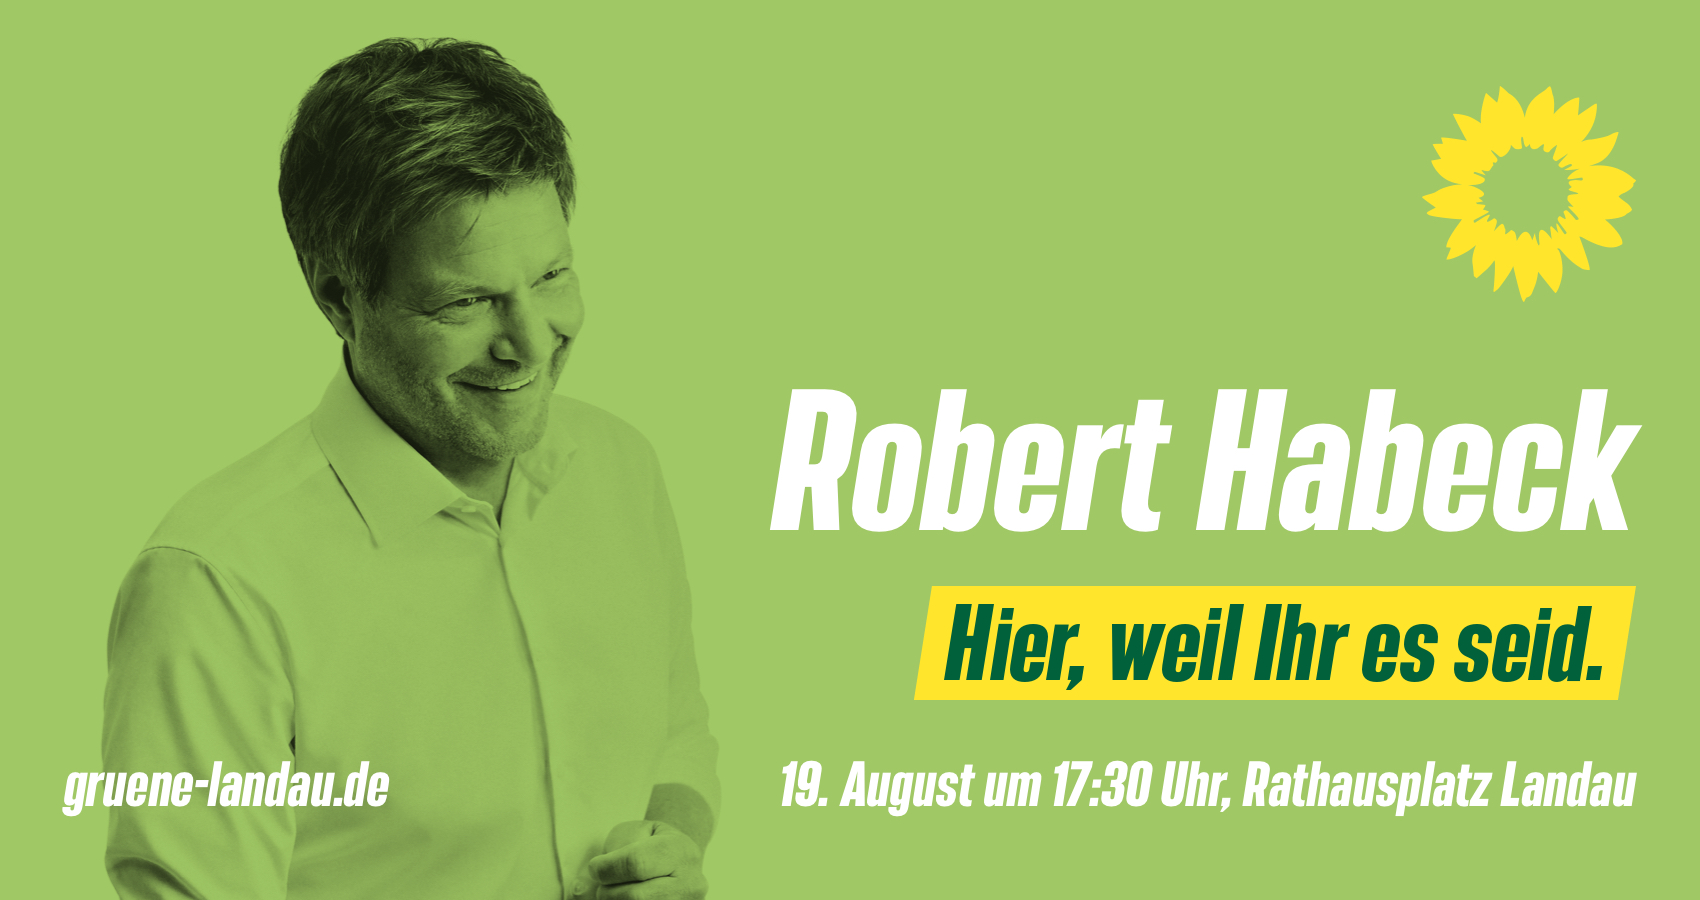 Robert Habeck kommt in die Südpfalz